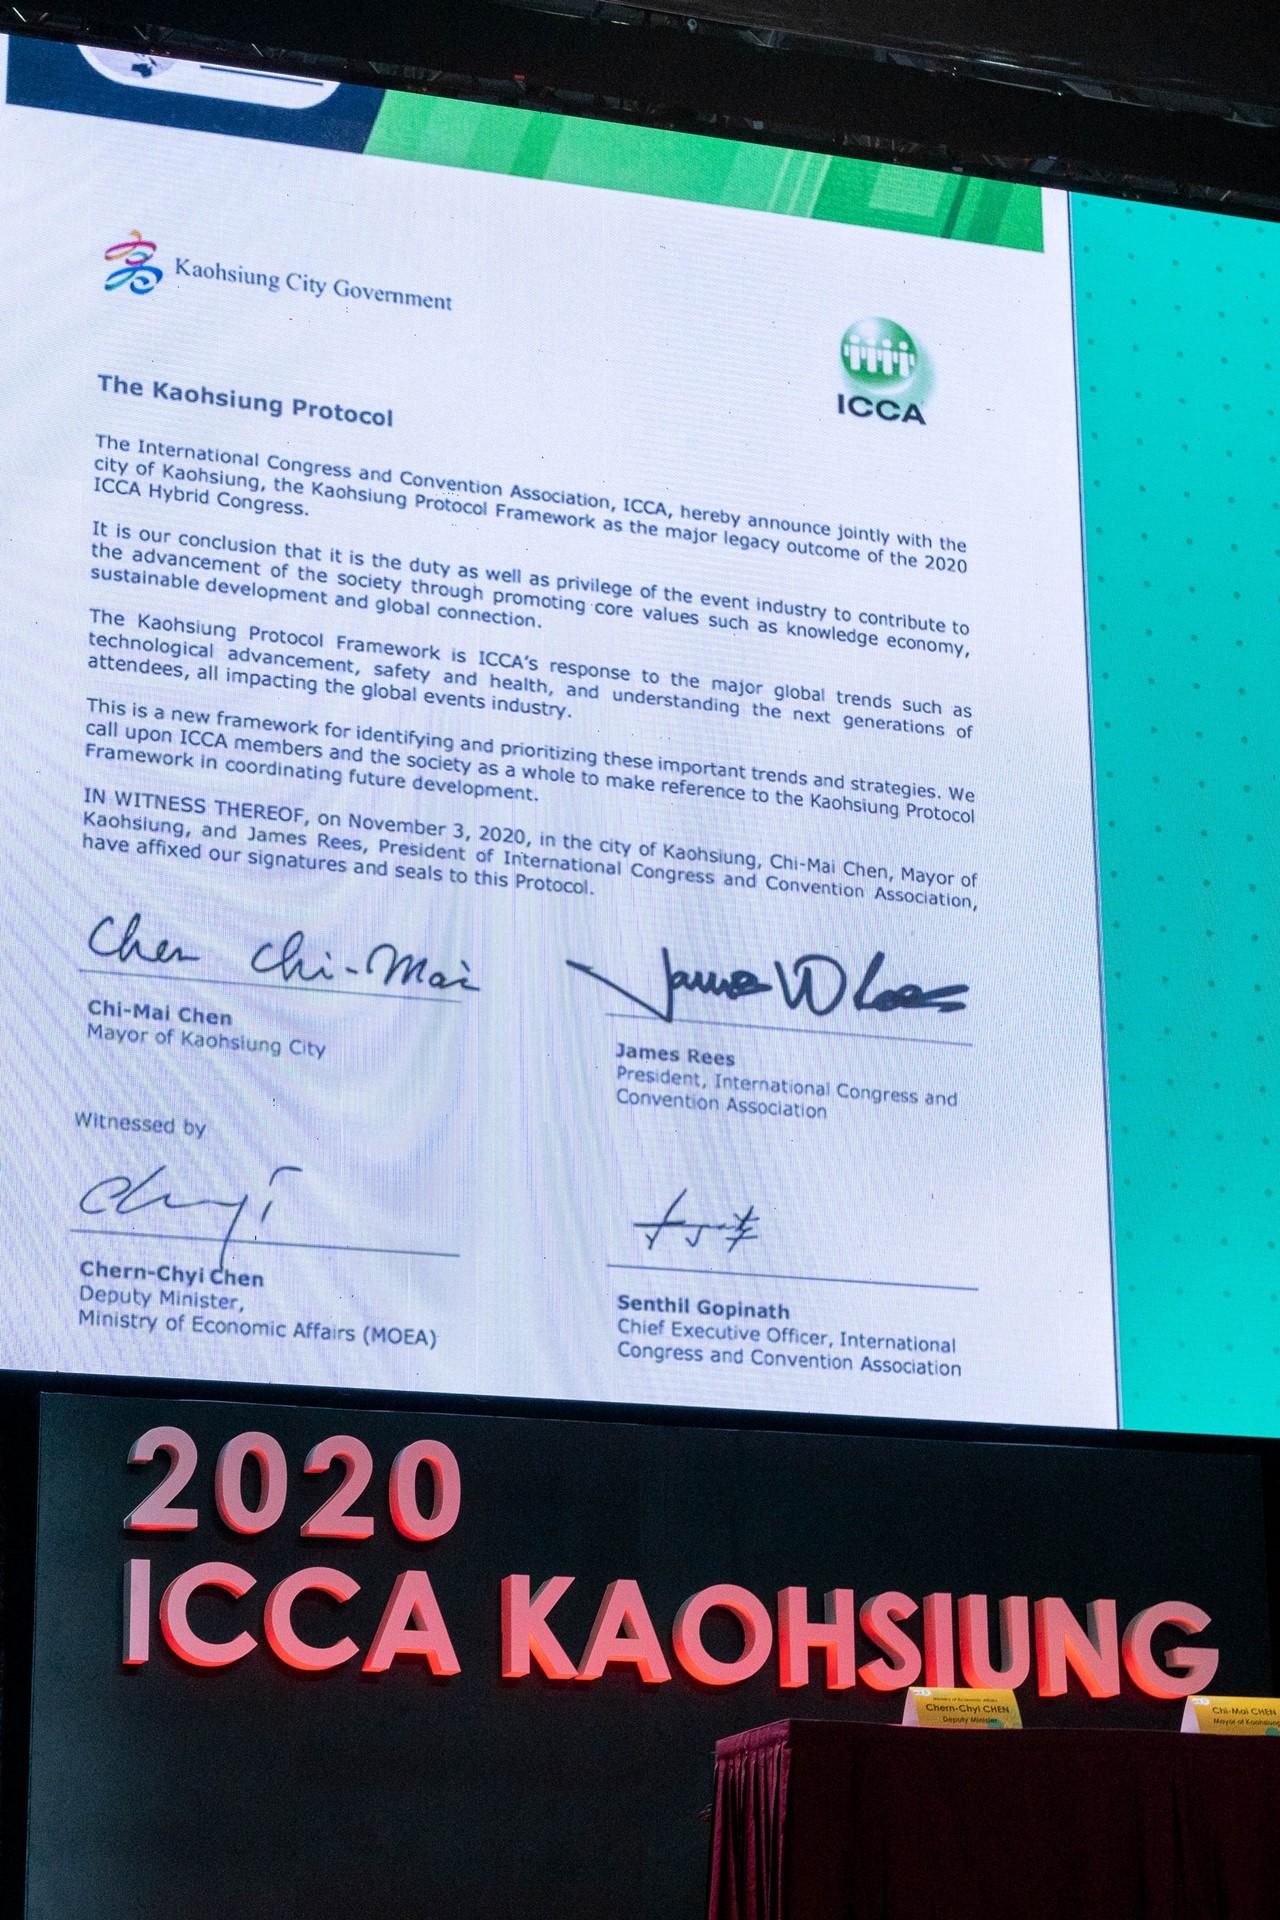 ICCA全球年會創多項新紀錄 陳其邁跨海簽署高雄議定書